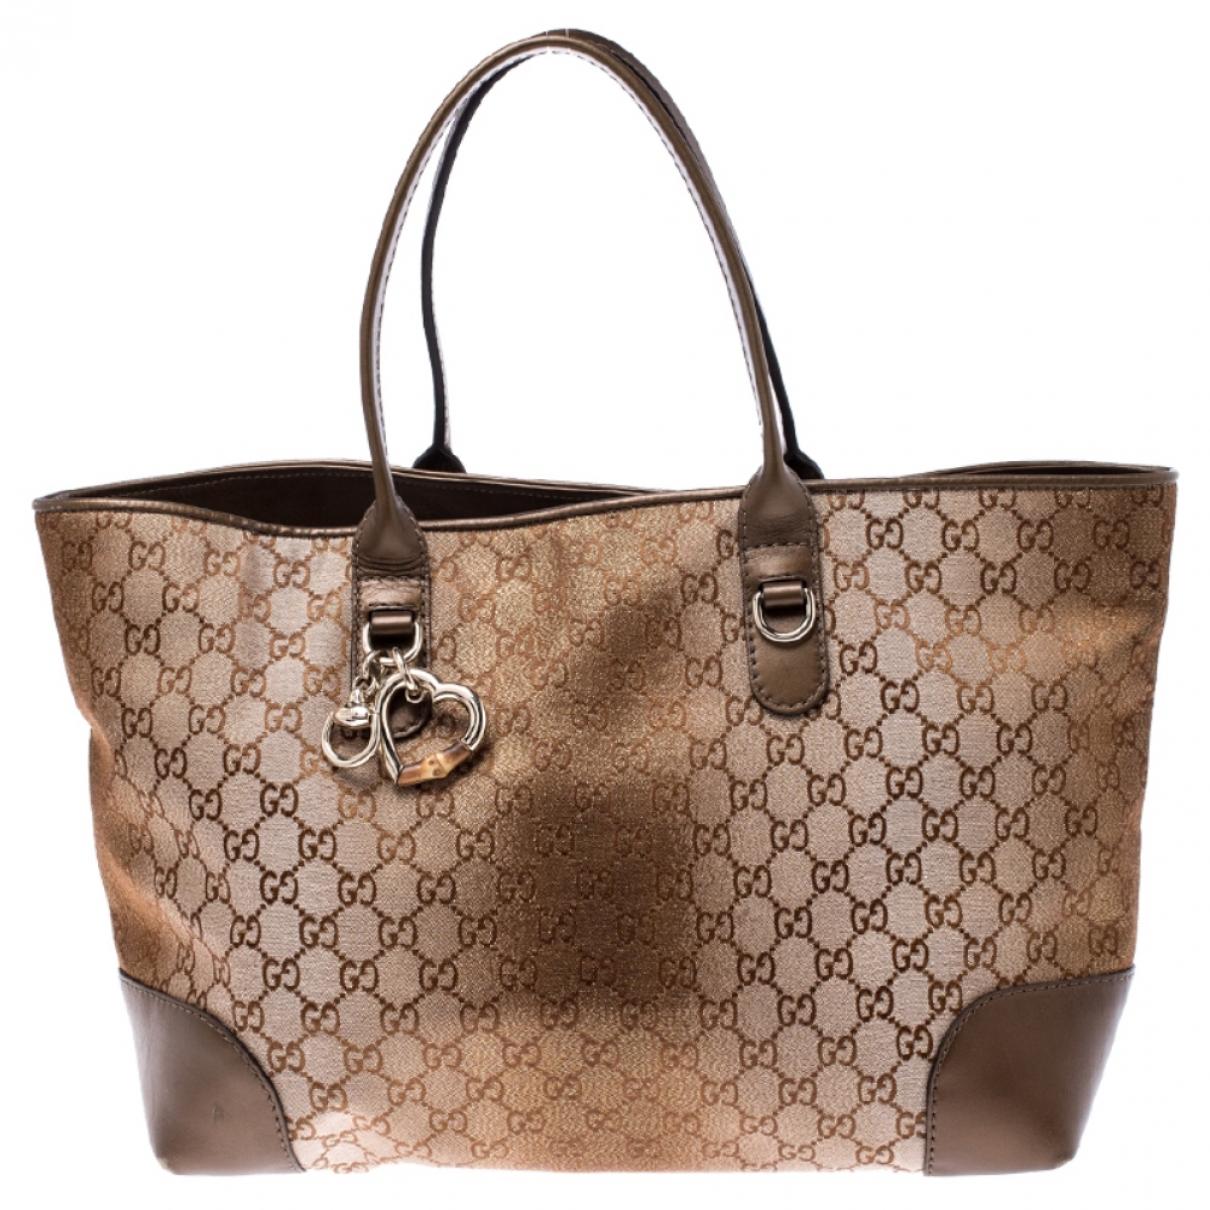 Gucci - Sac a main   pour femme en toile - marron